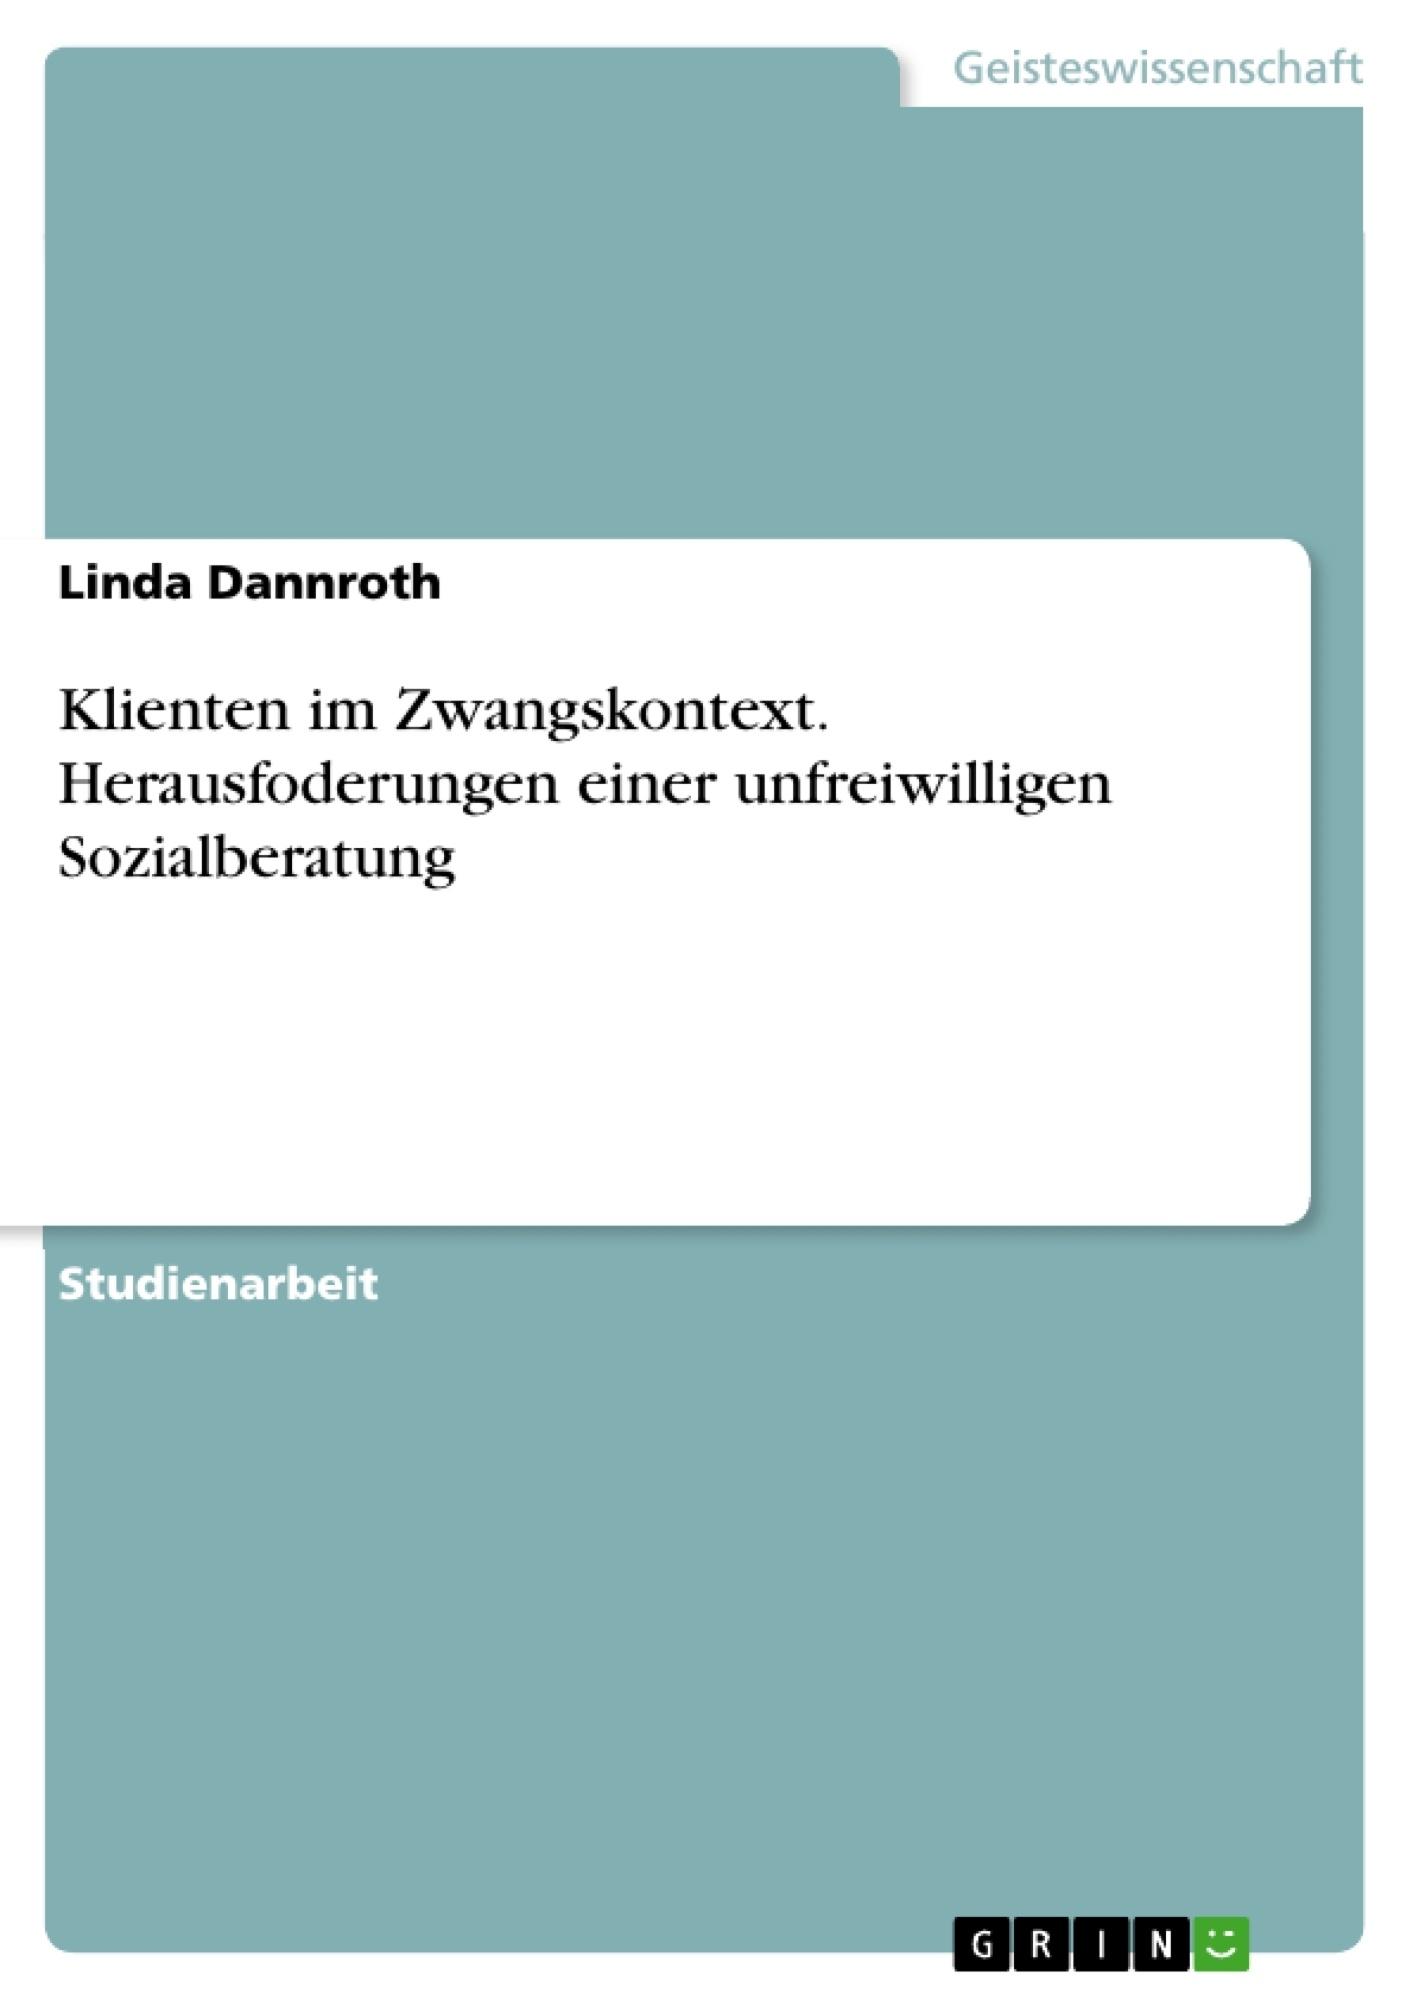 Titel: Klienten im Zwangskontext. Herausfoderungen einer unfreiwilligen Sozialberatung